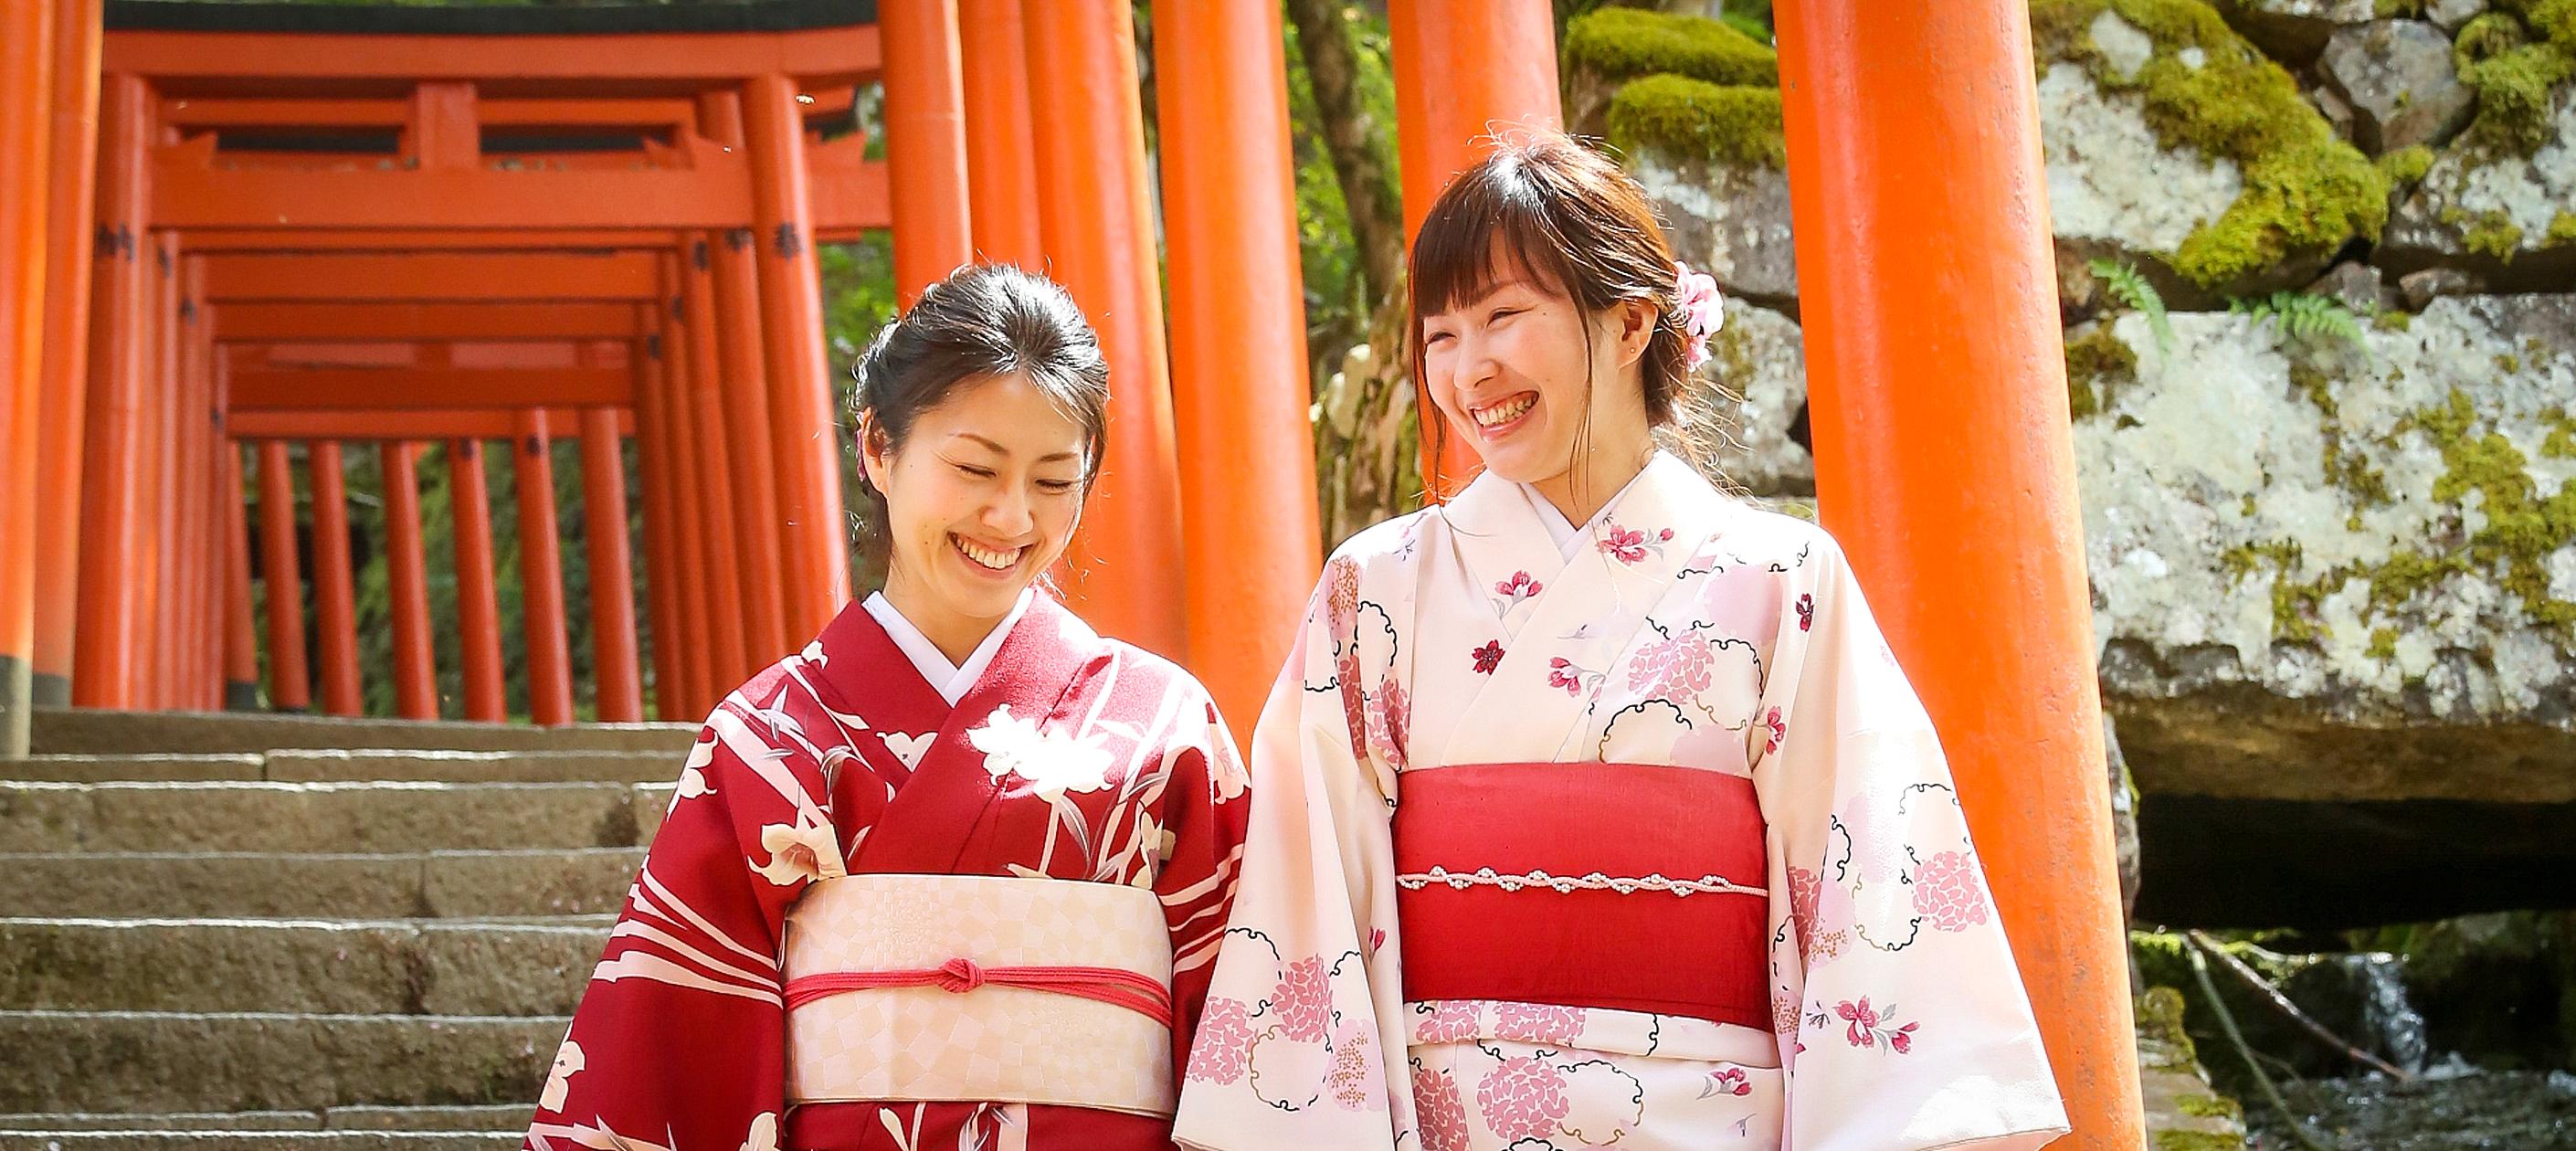 400年の歴史を感じるタイムトリップ 着物で体験!城下町レトロツアー